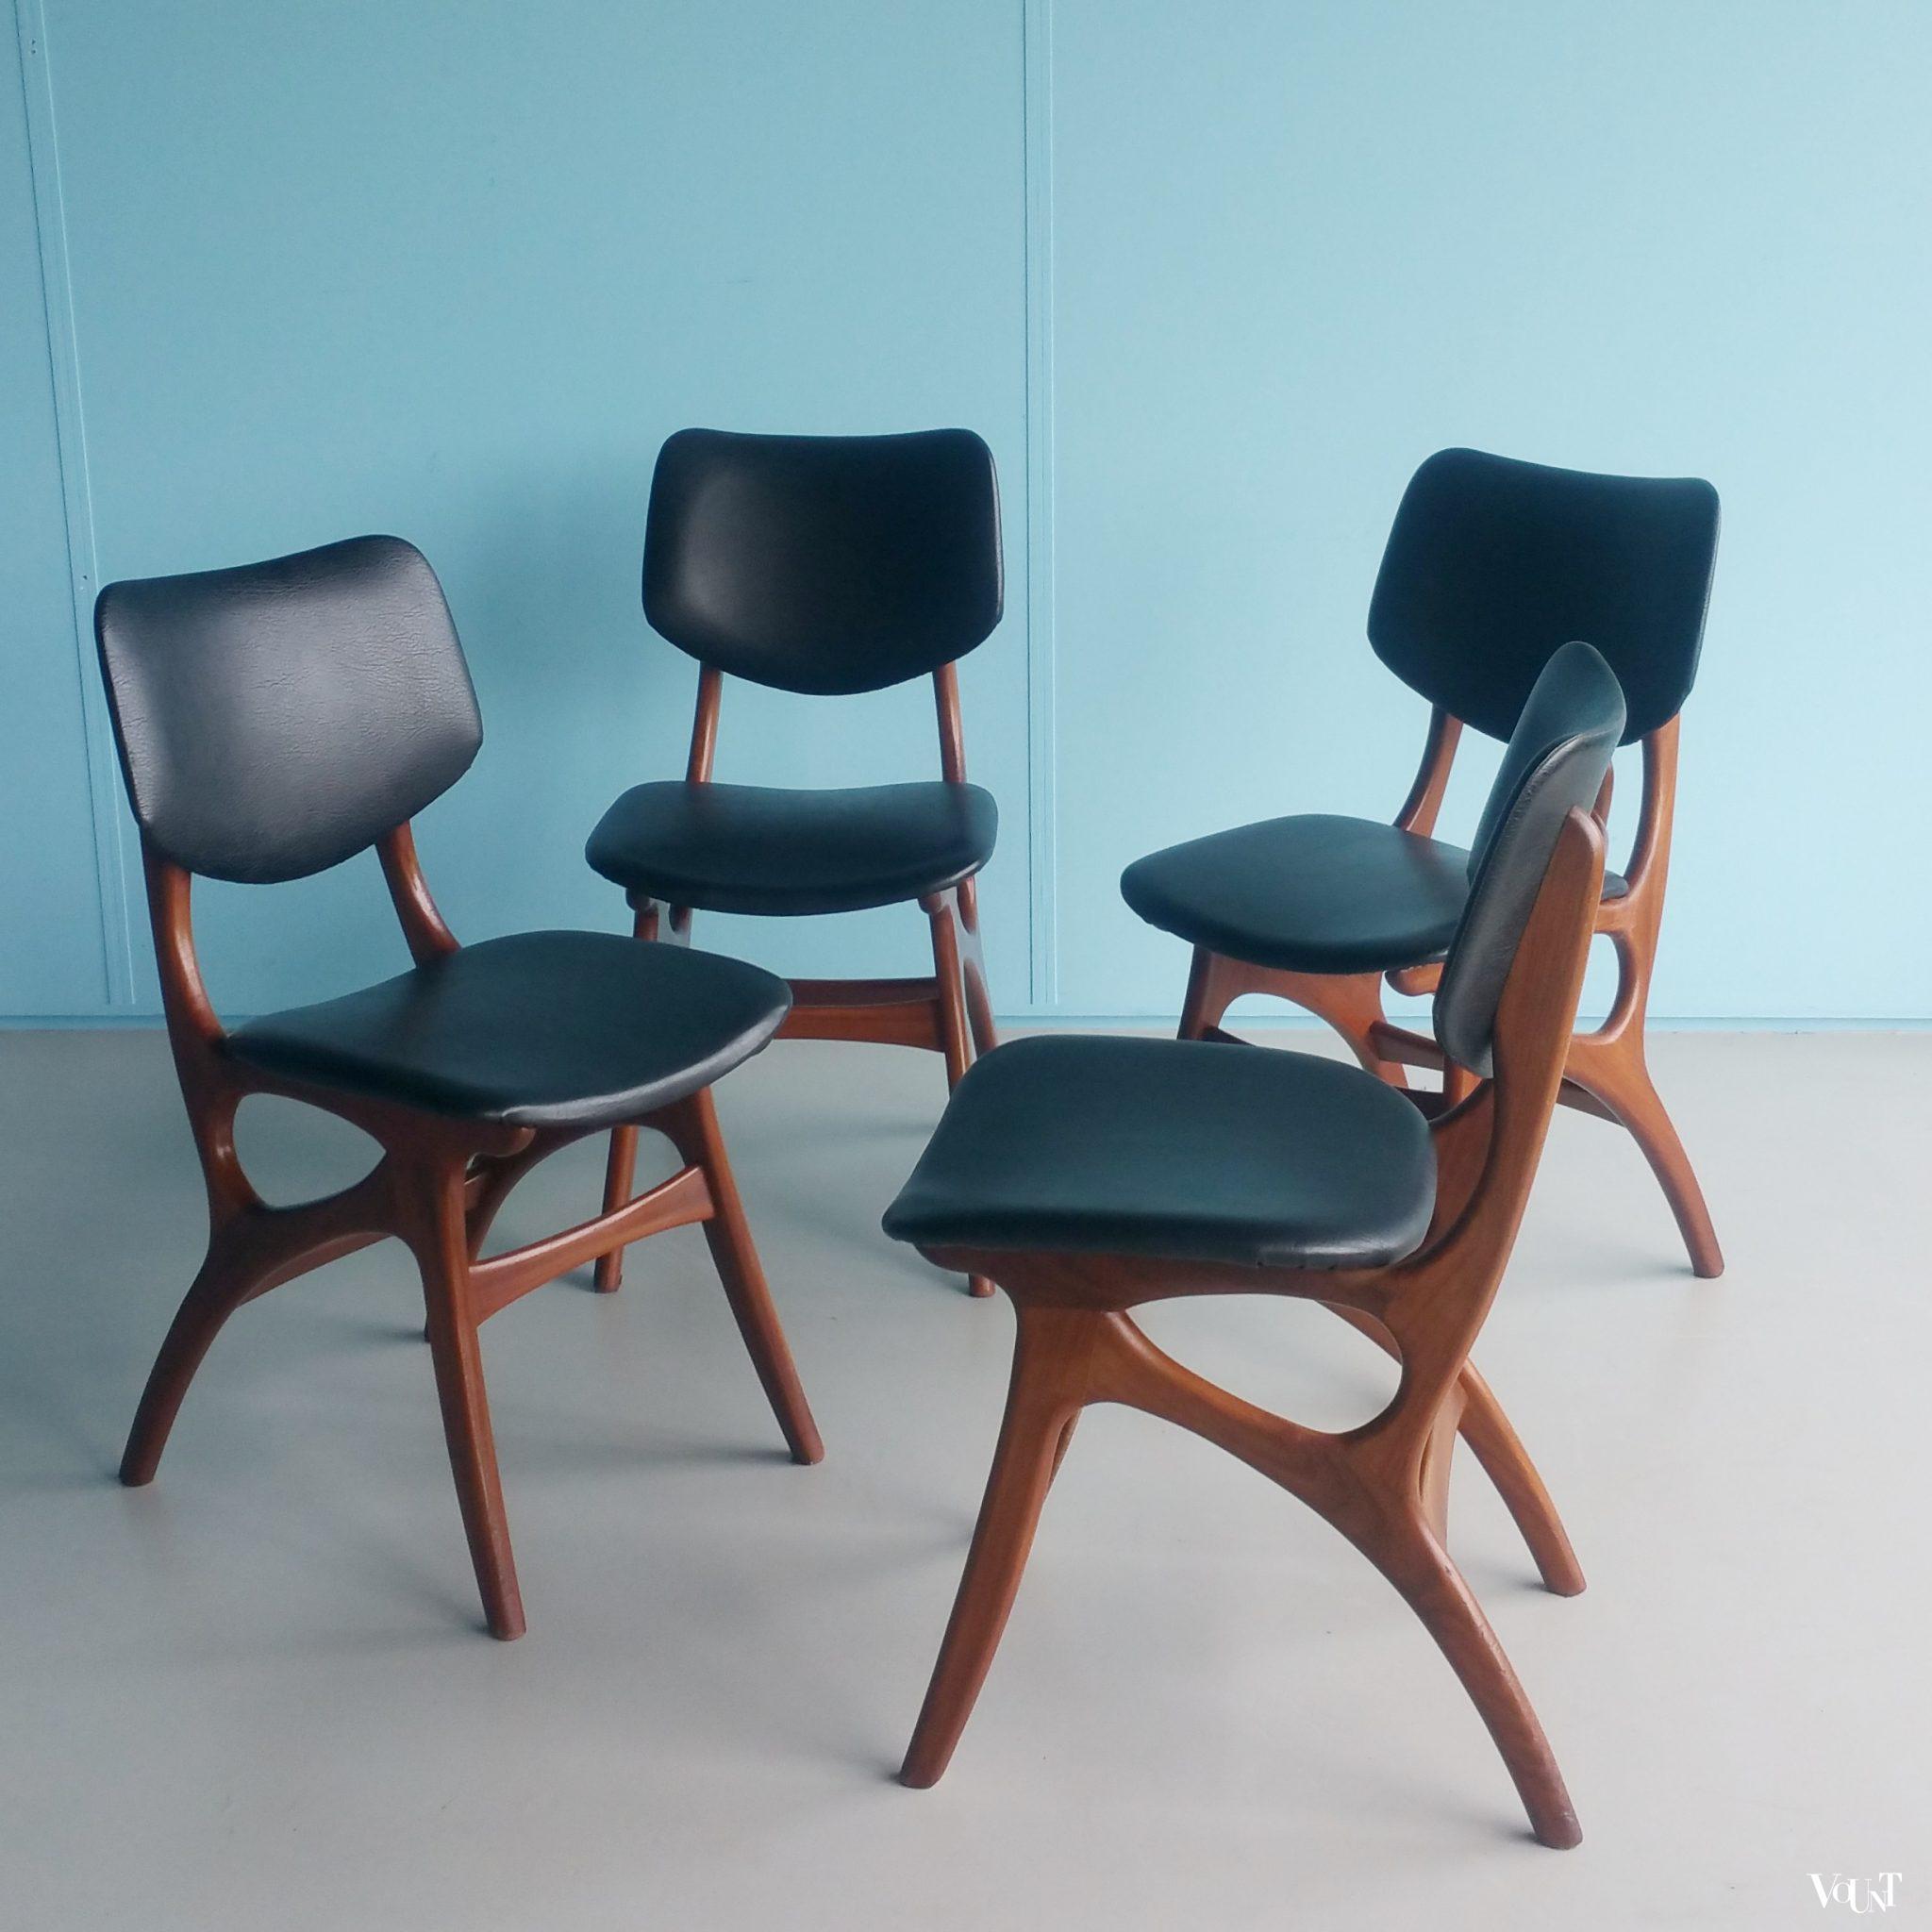 Eettafel stoelen with eettafel stoelen for Goedkope eettafel met stoelen